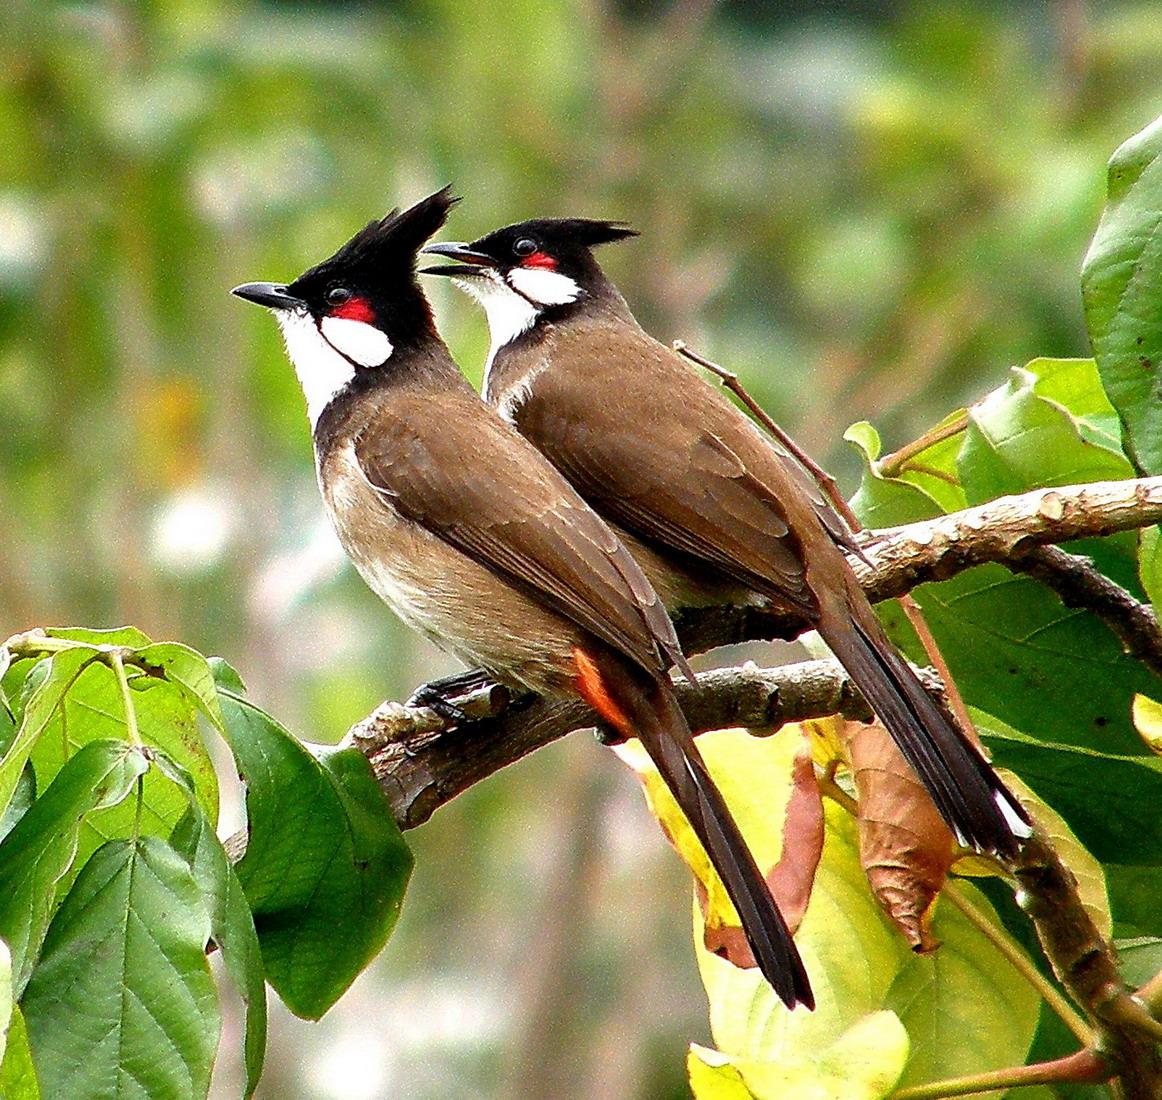 صور صور بلابل , اجمل صور لطائر البلبل الجميل؟